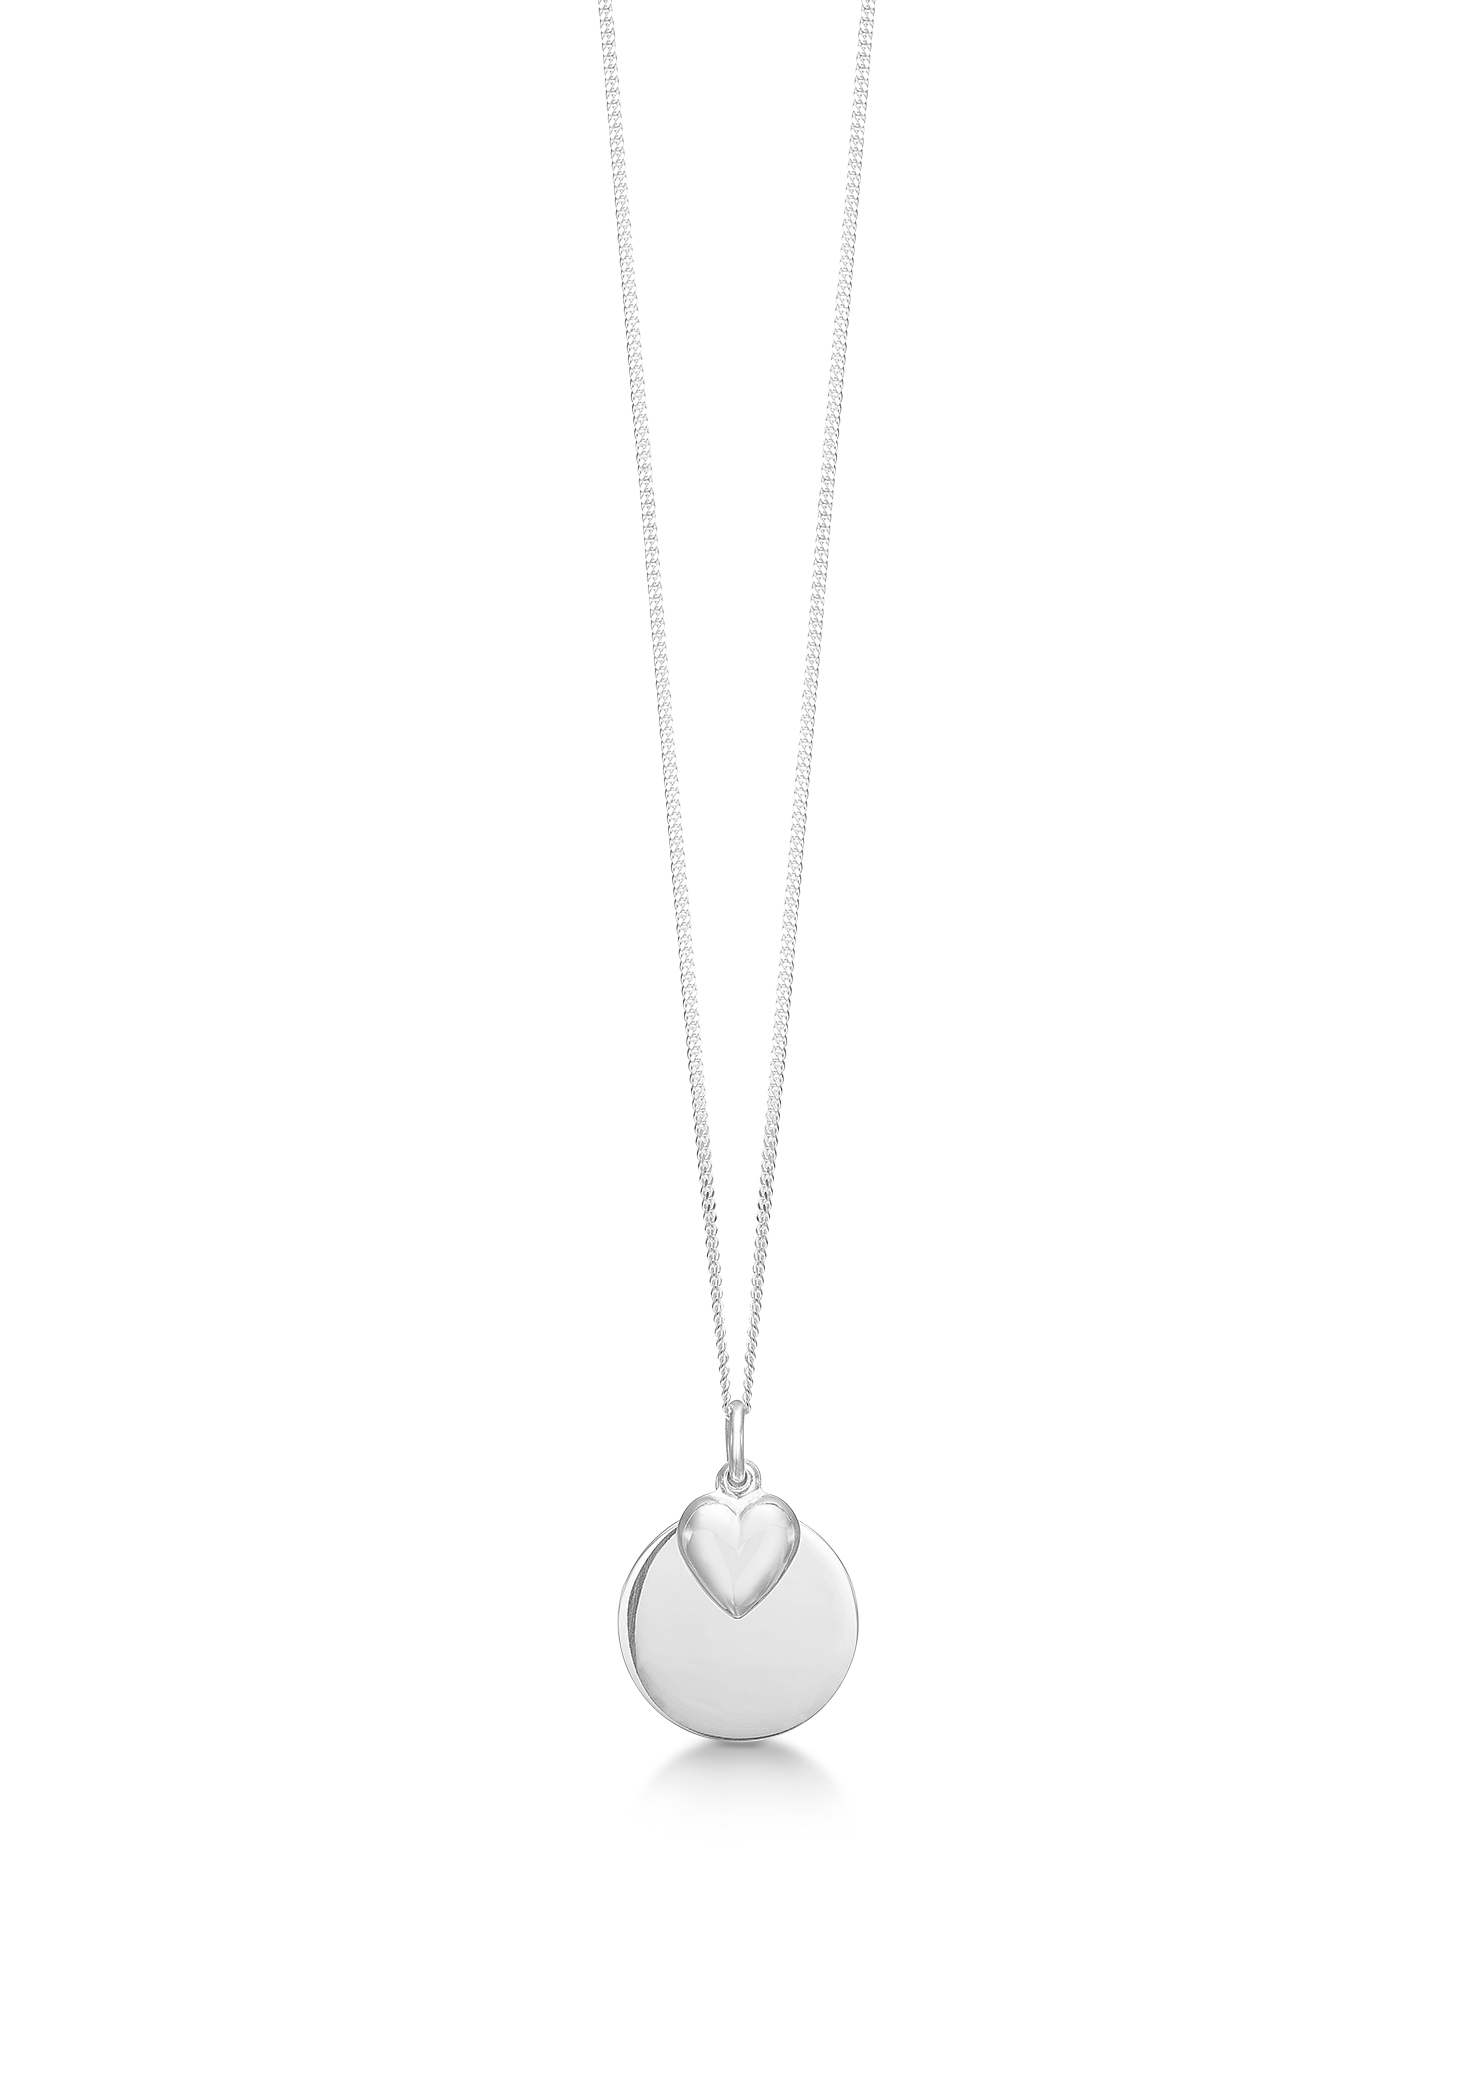 Aagaard sølv collier med blank plade & hjerte - 11302946-40 fra aagaard fra brodersen + kobborg